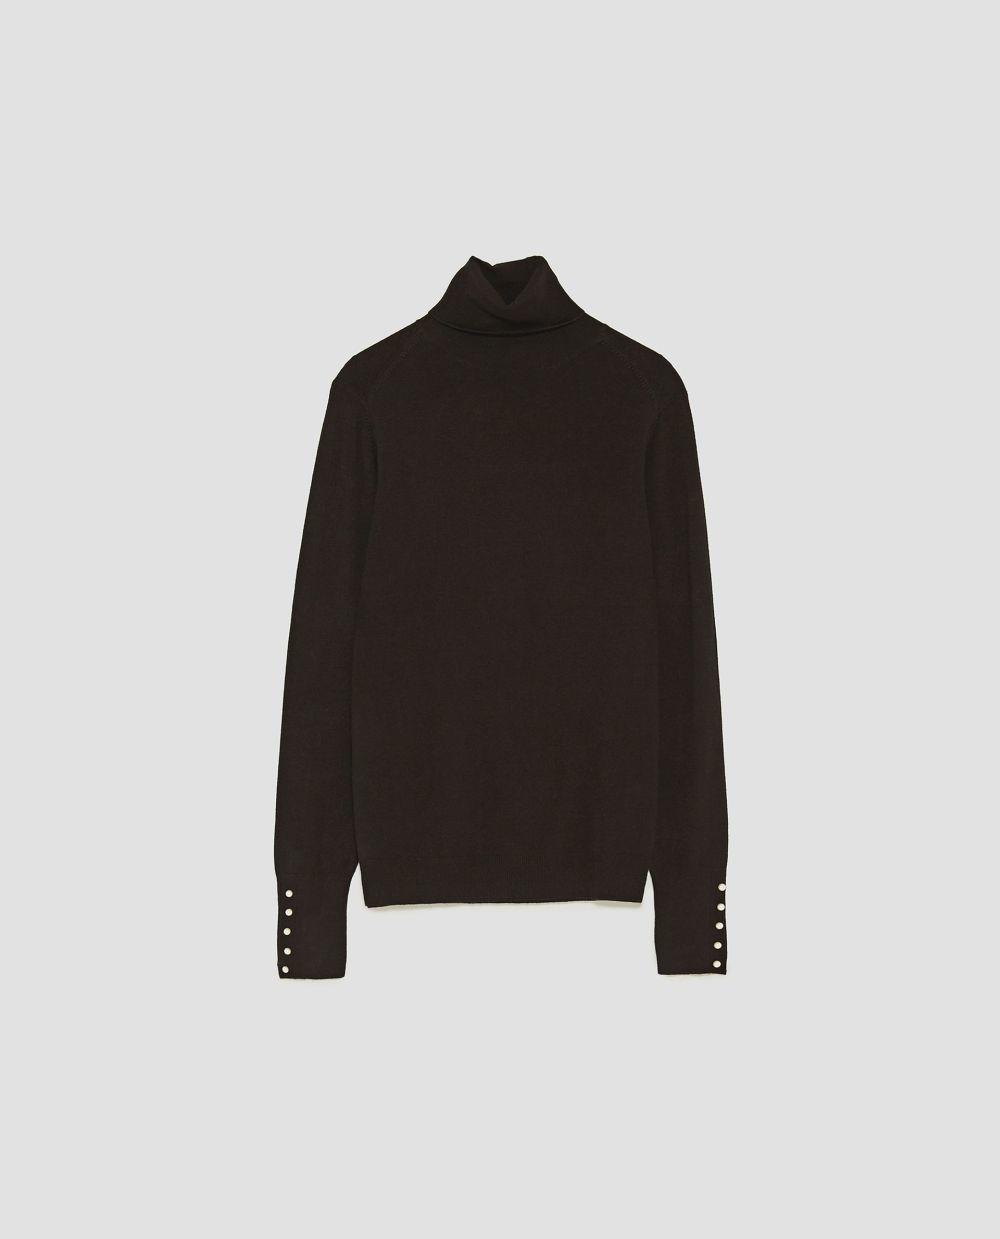 Jersey de cuello alto de Zara (19,95 euros)